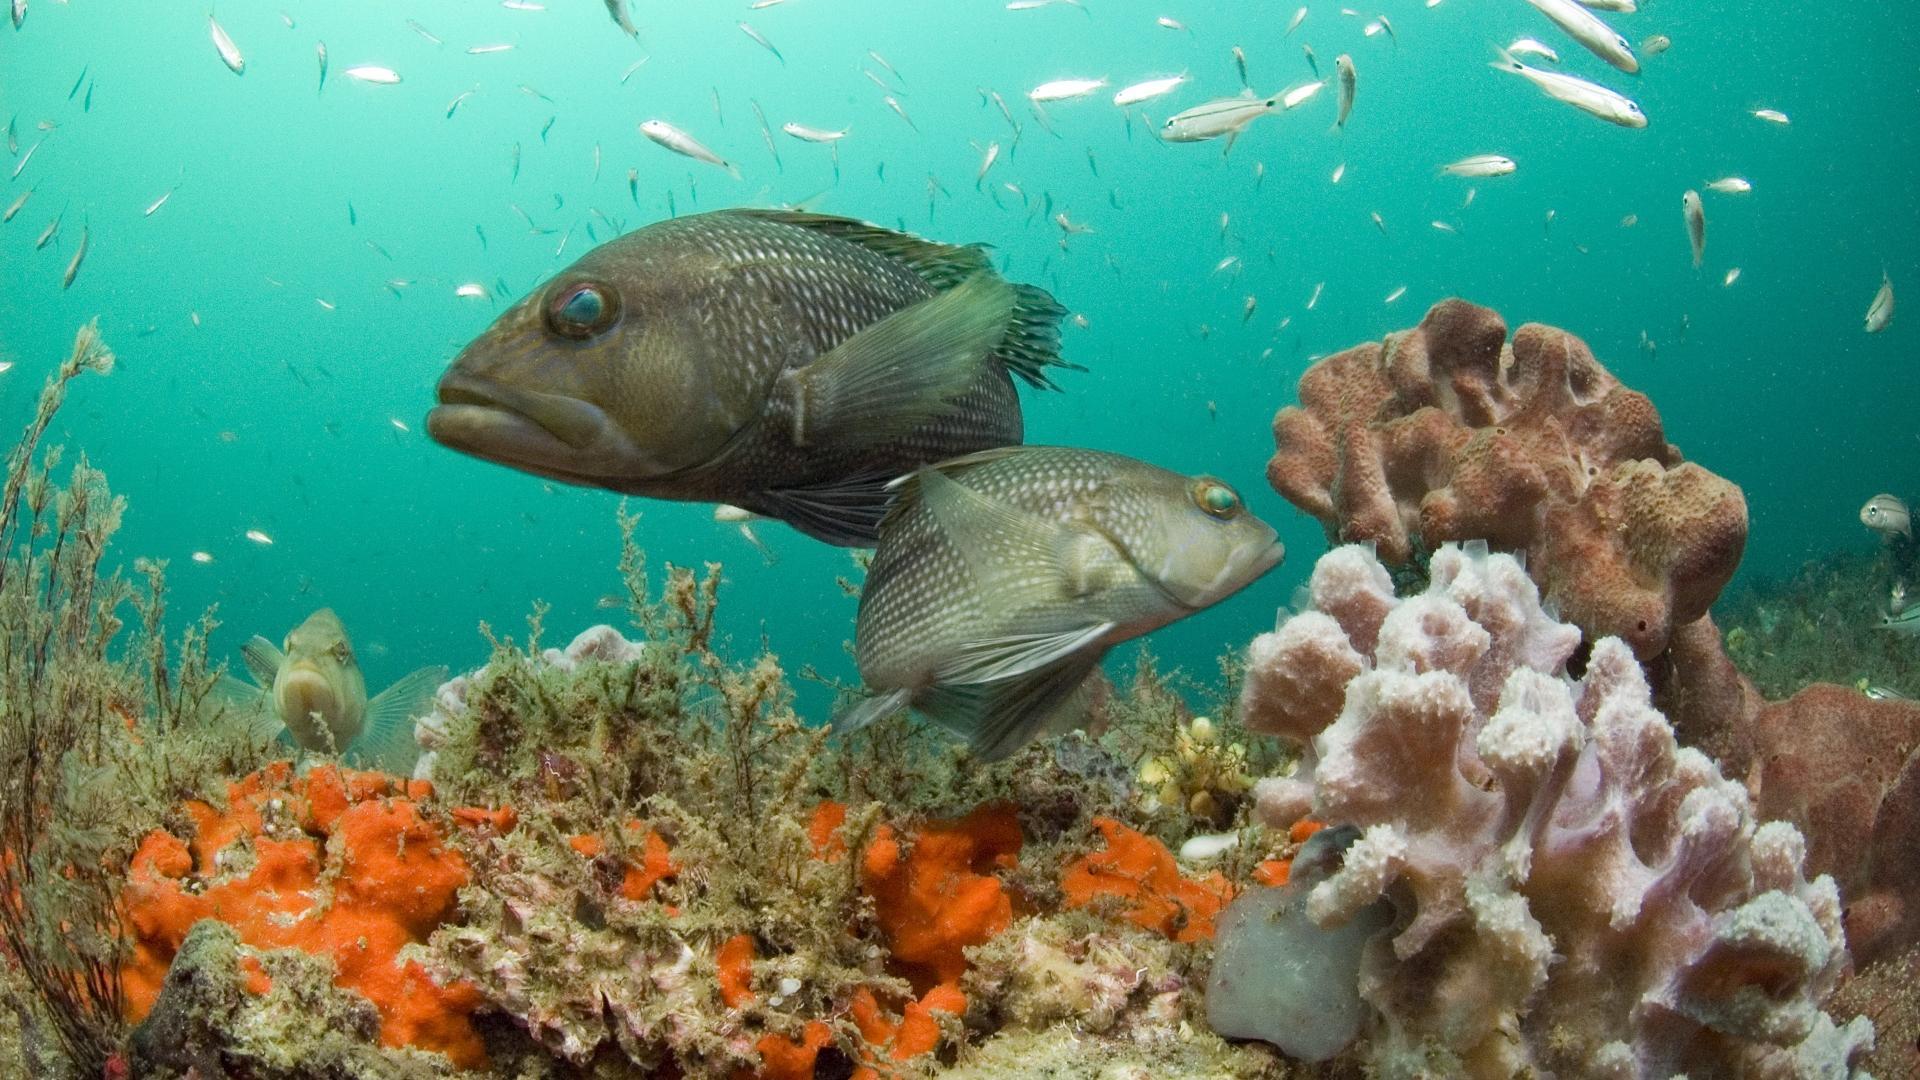 Популяции морских животных исчезают вдвое быстрее, чем наземные виды